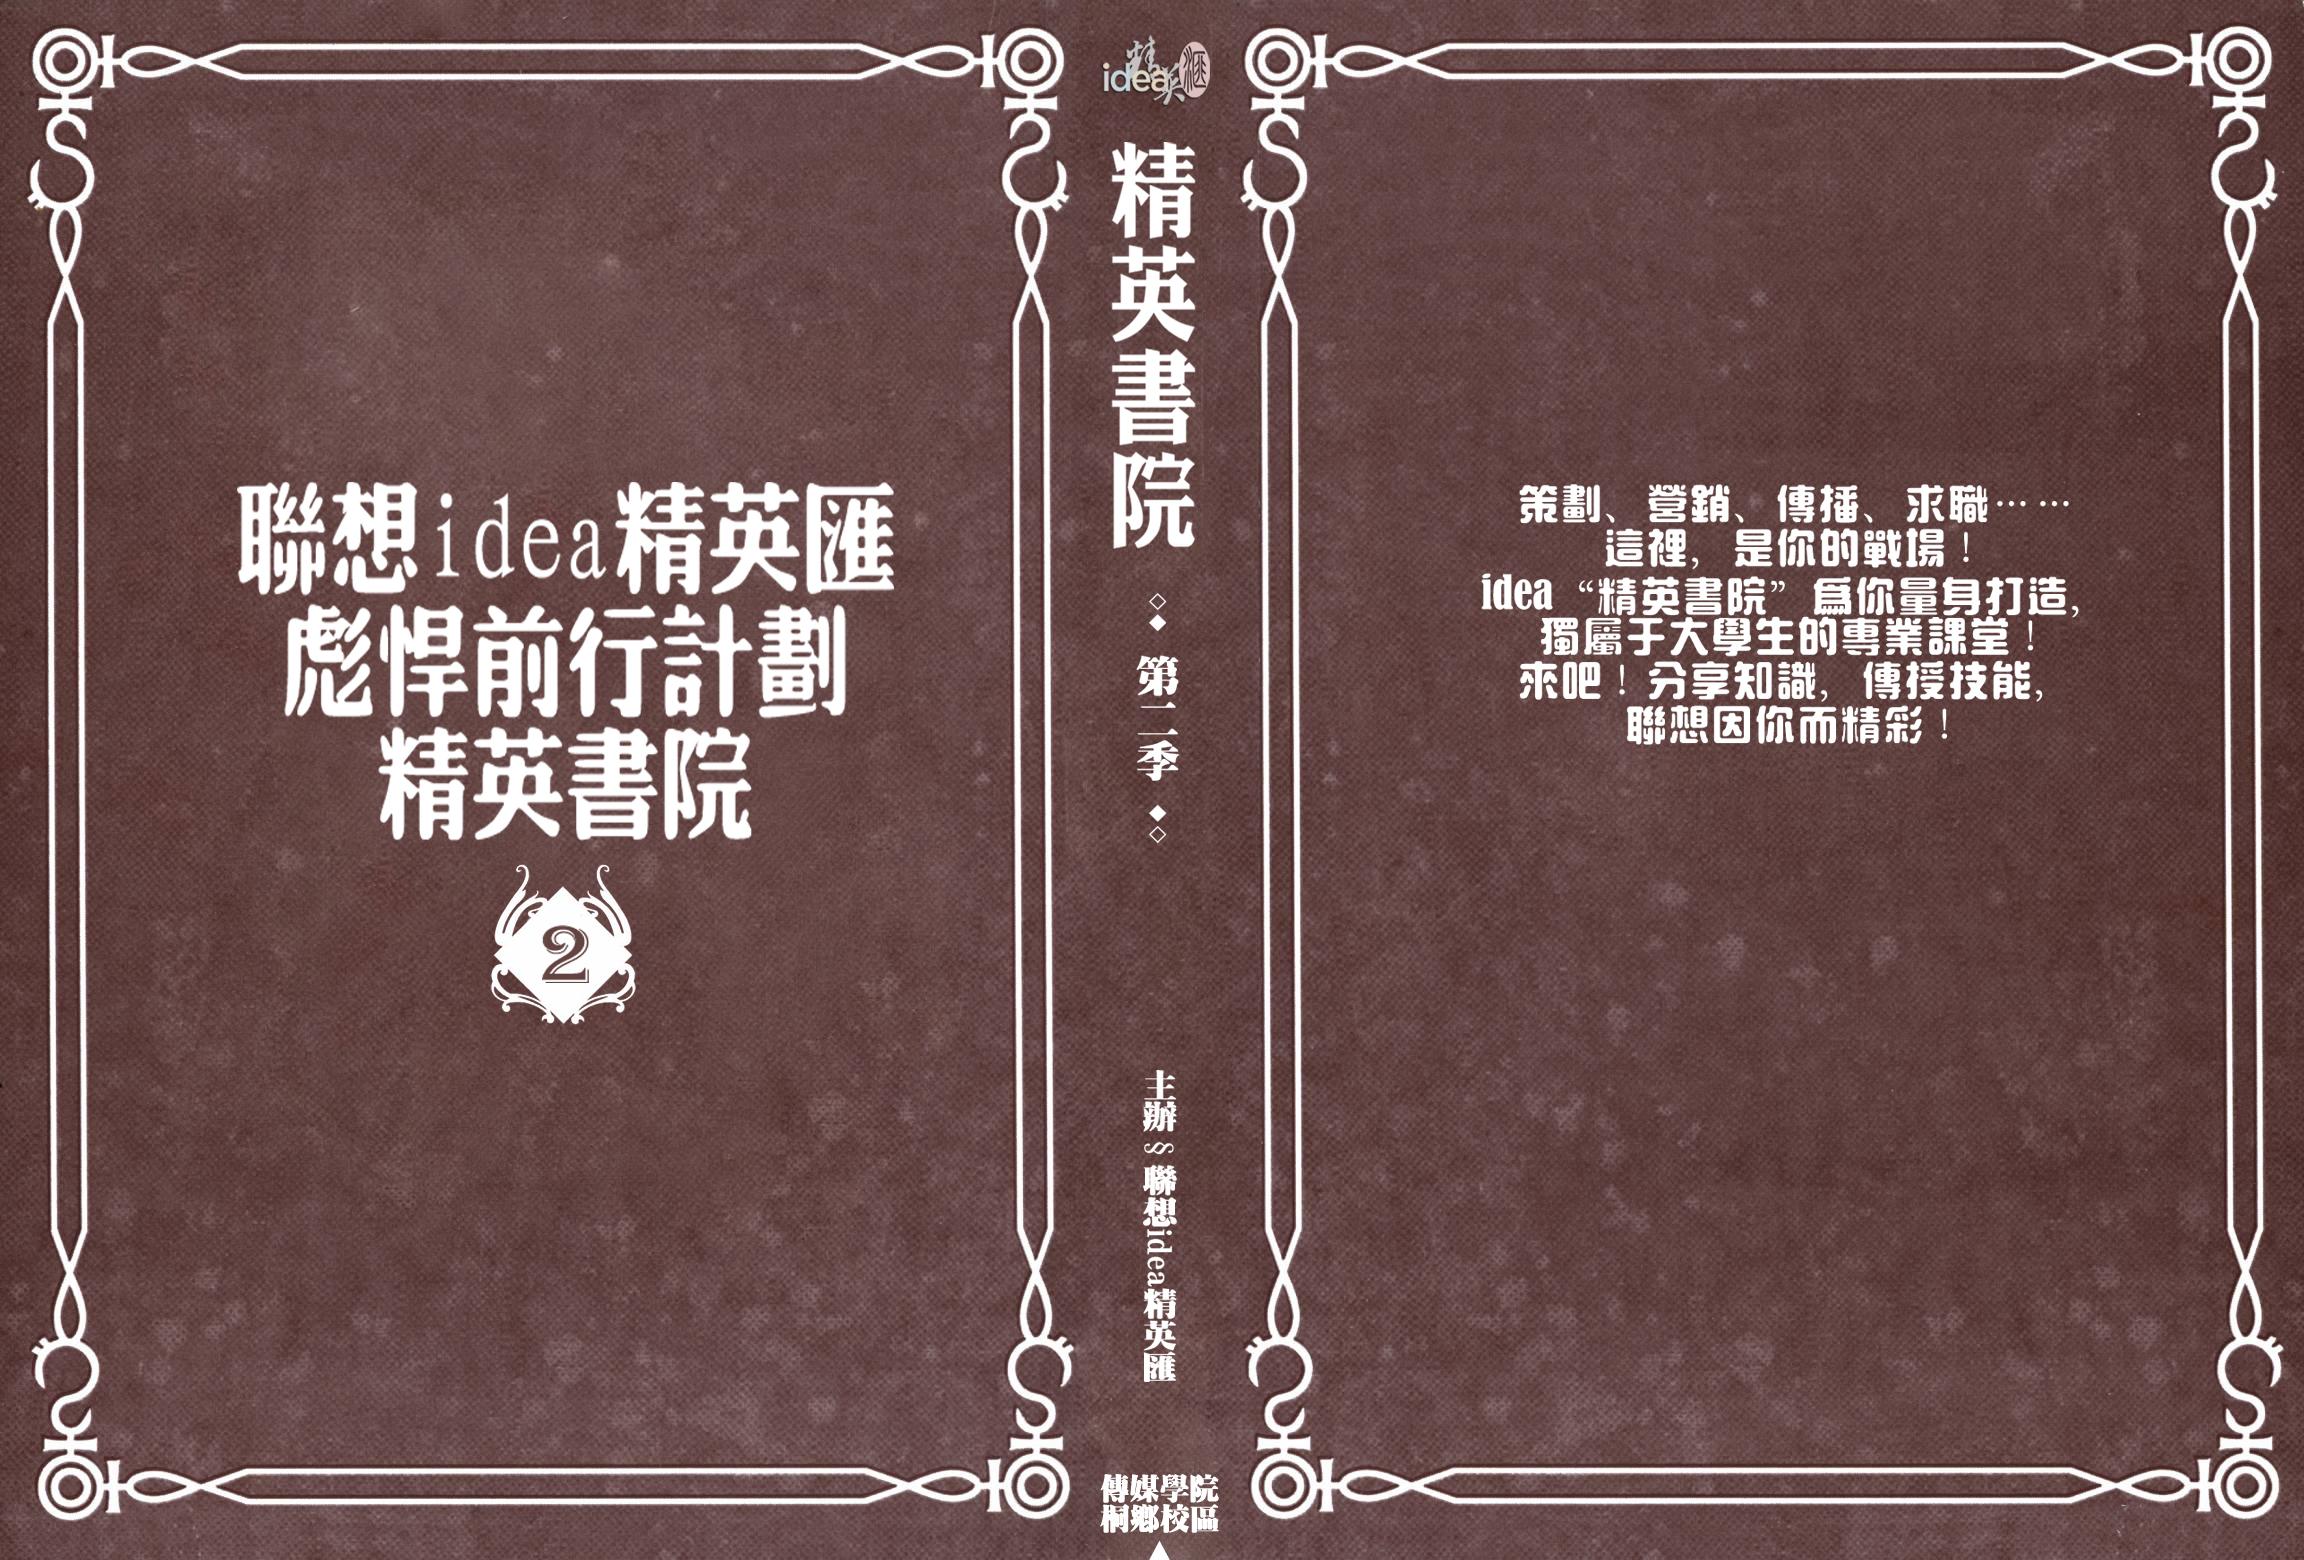 idea精英汇精英书院活动海报设计_妖怪的庙会案例展示